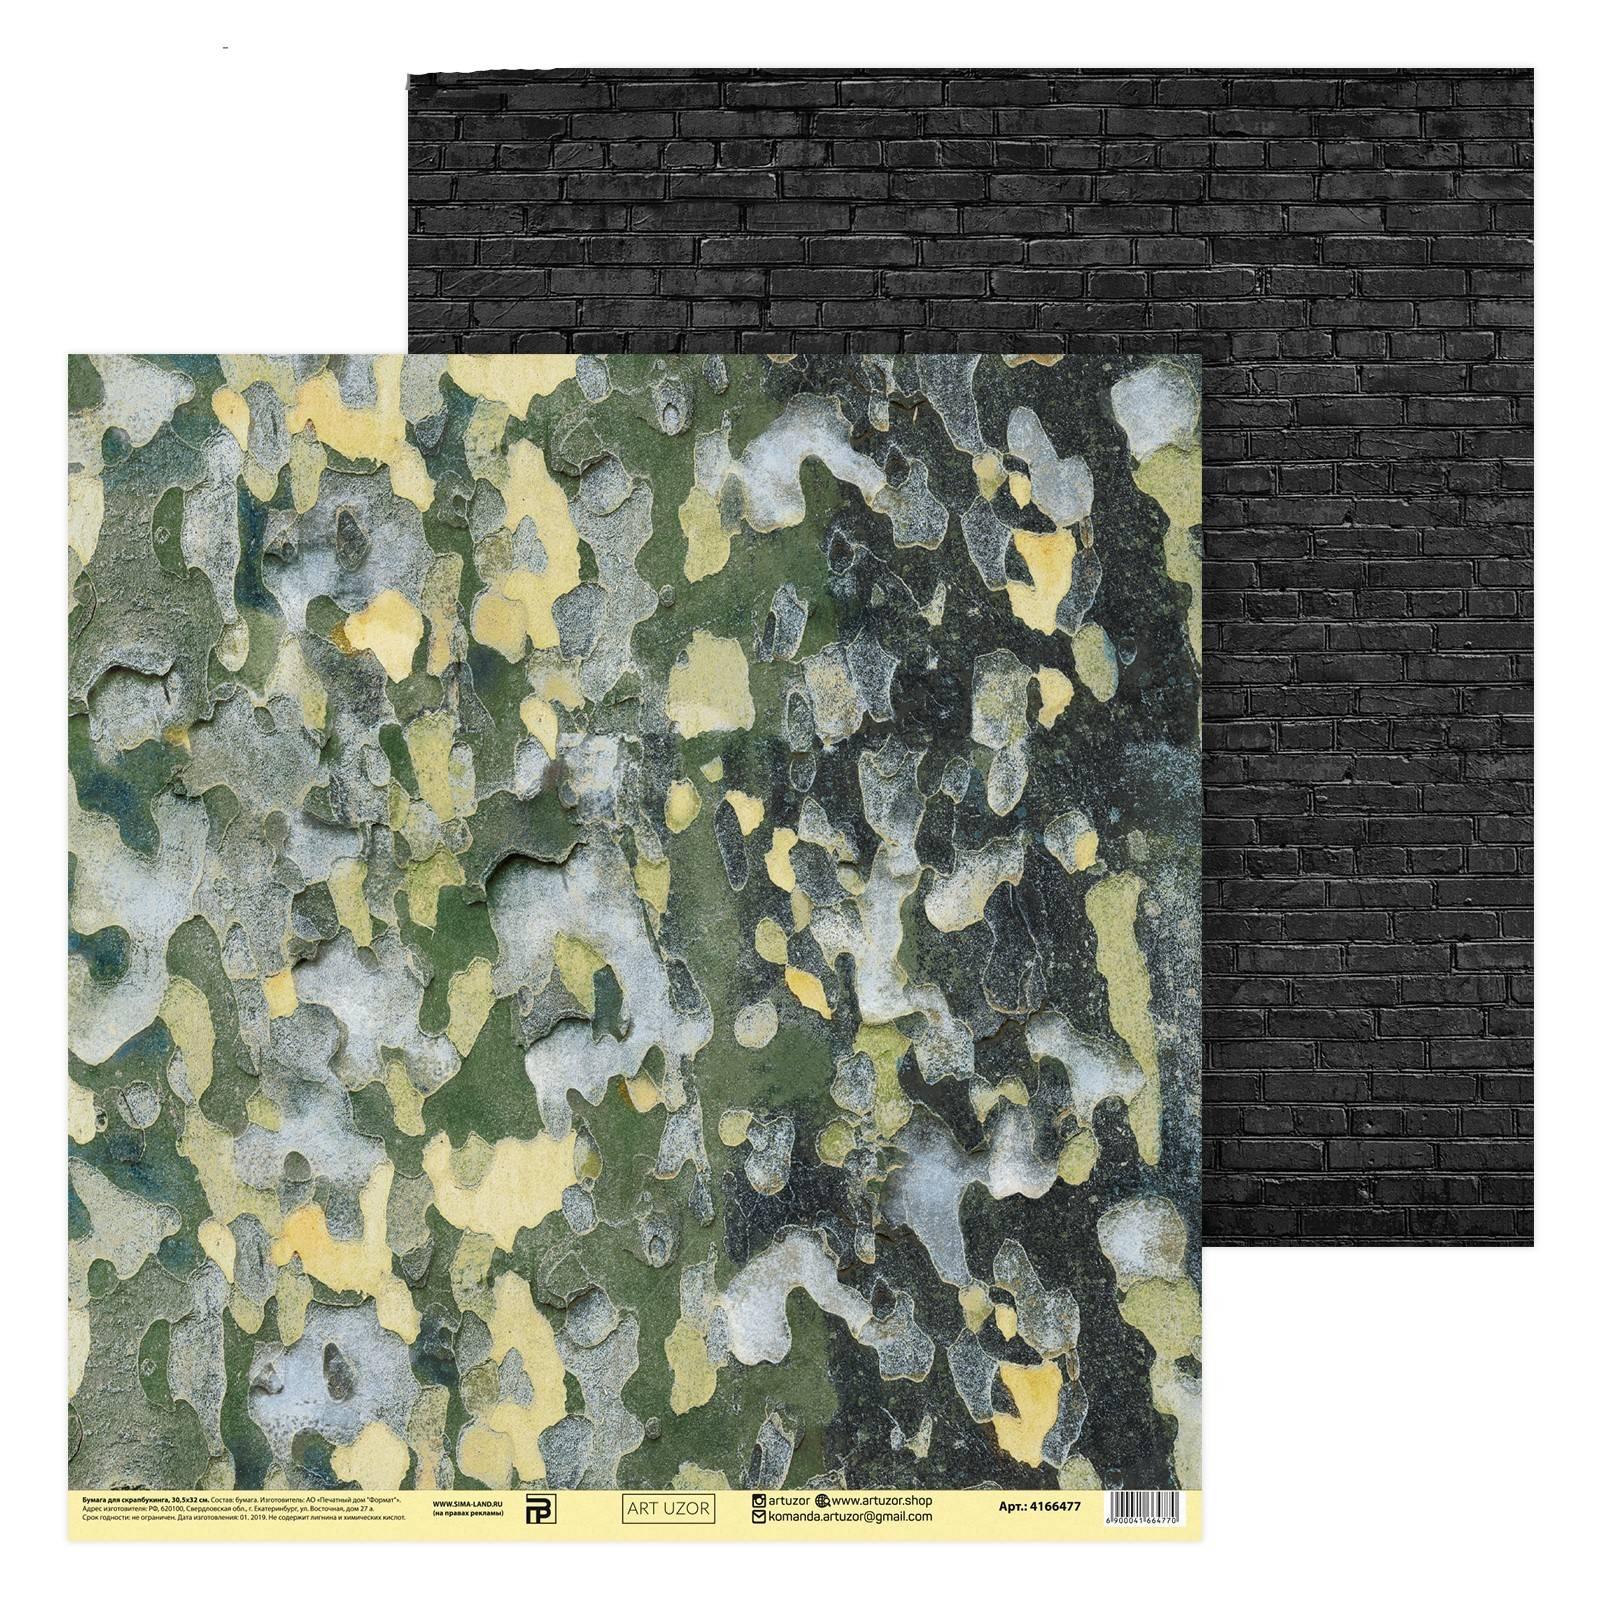 Бумага для скрапбукинга, Природный камуфляж, 30,5×32 см, 180 г/м, АртУзор